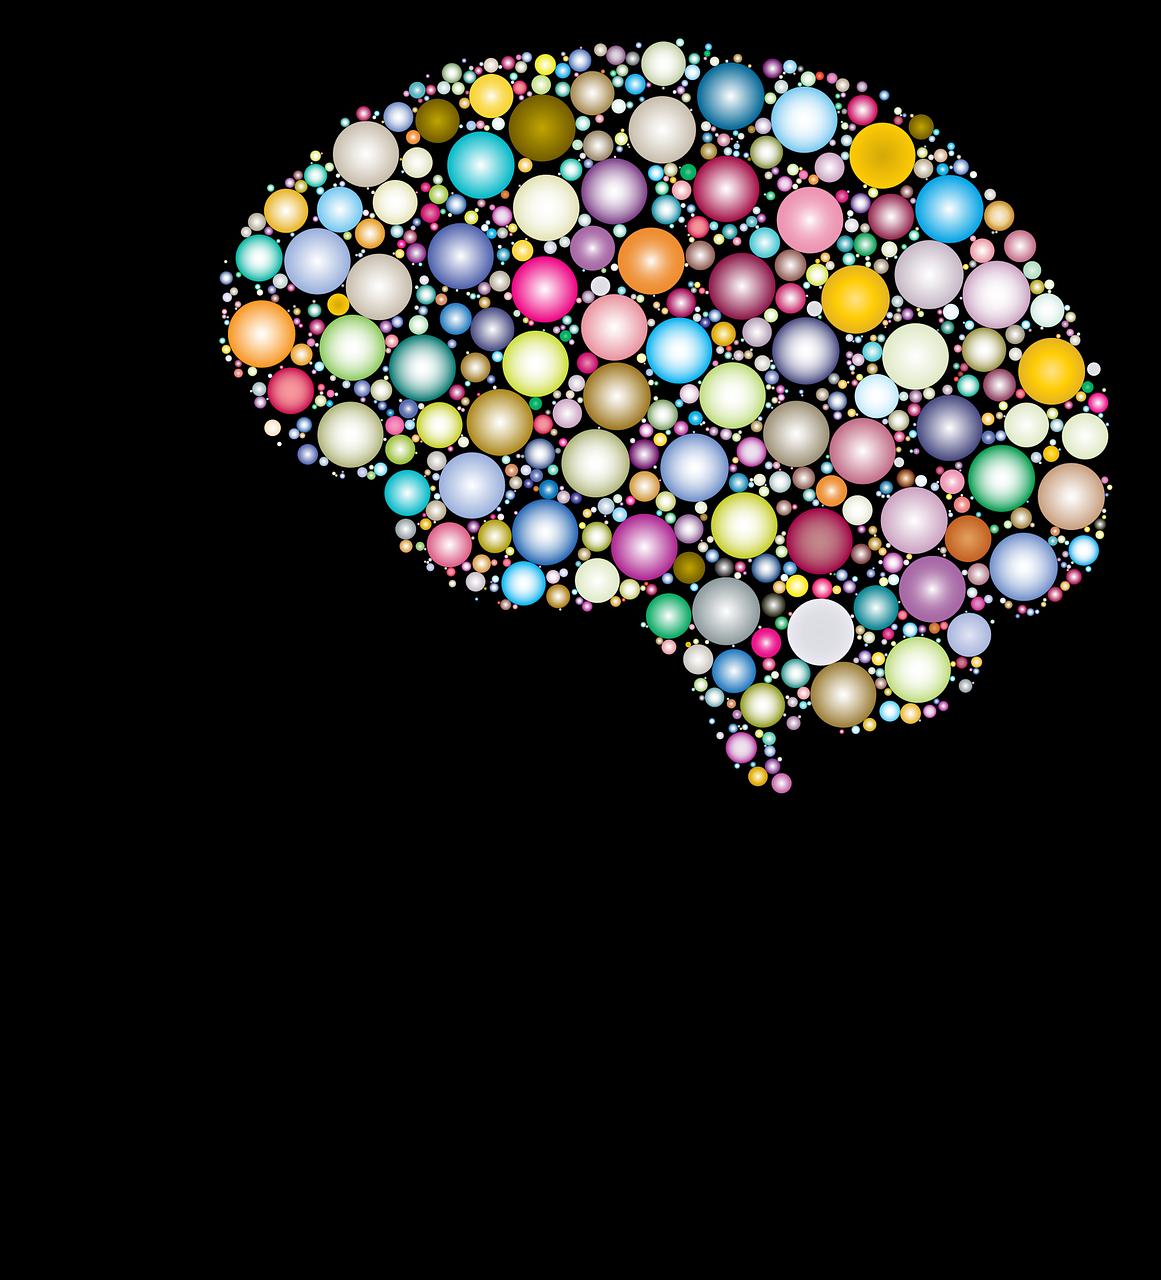 mózg pamięć i koncentracja